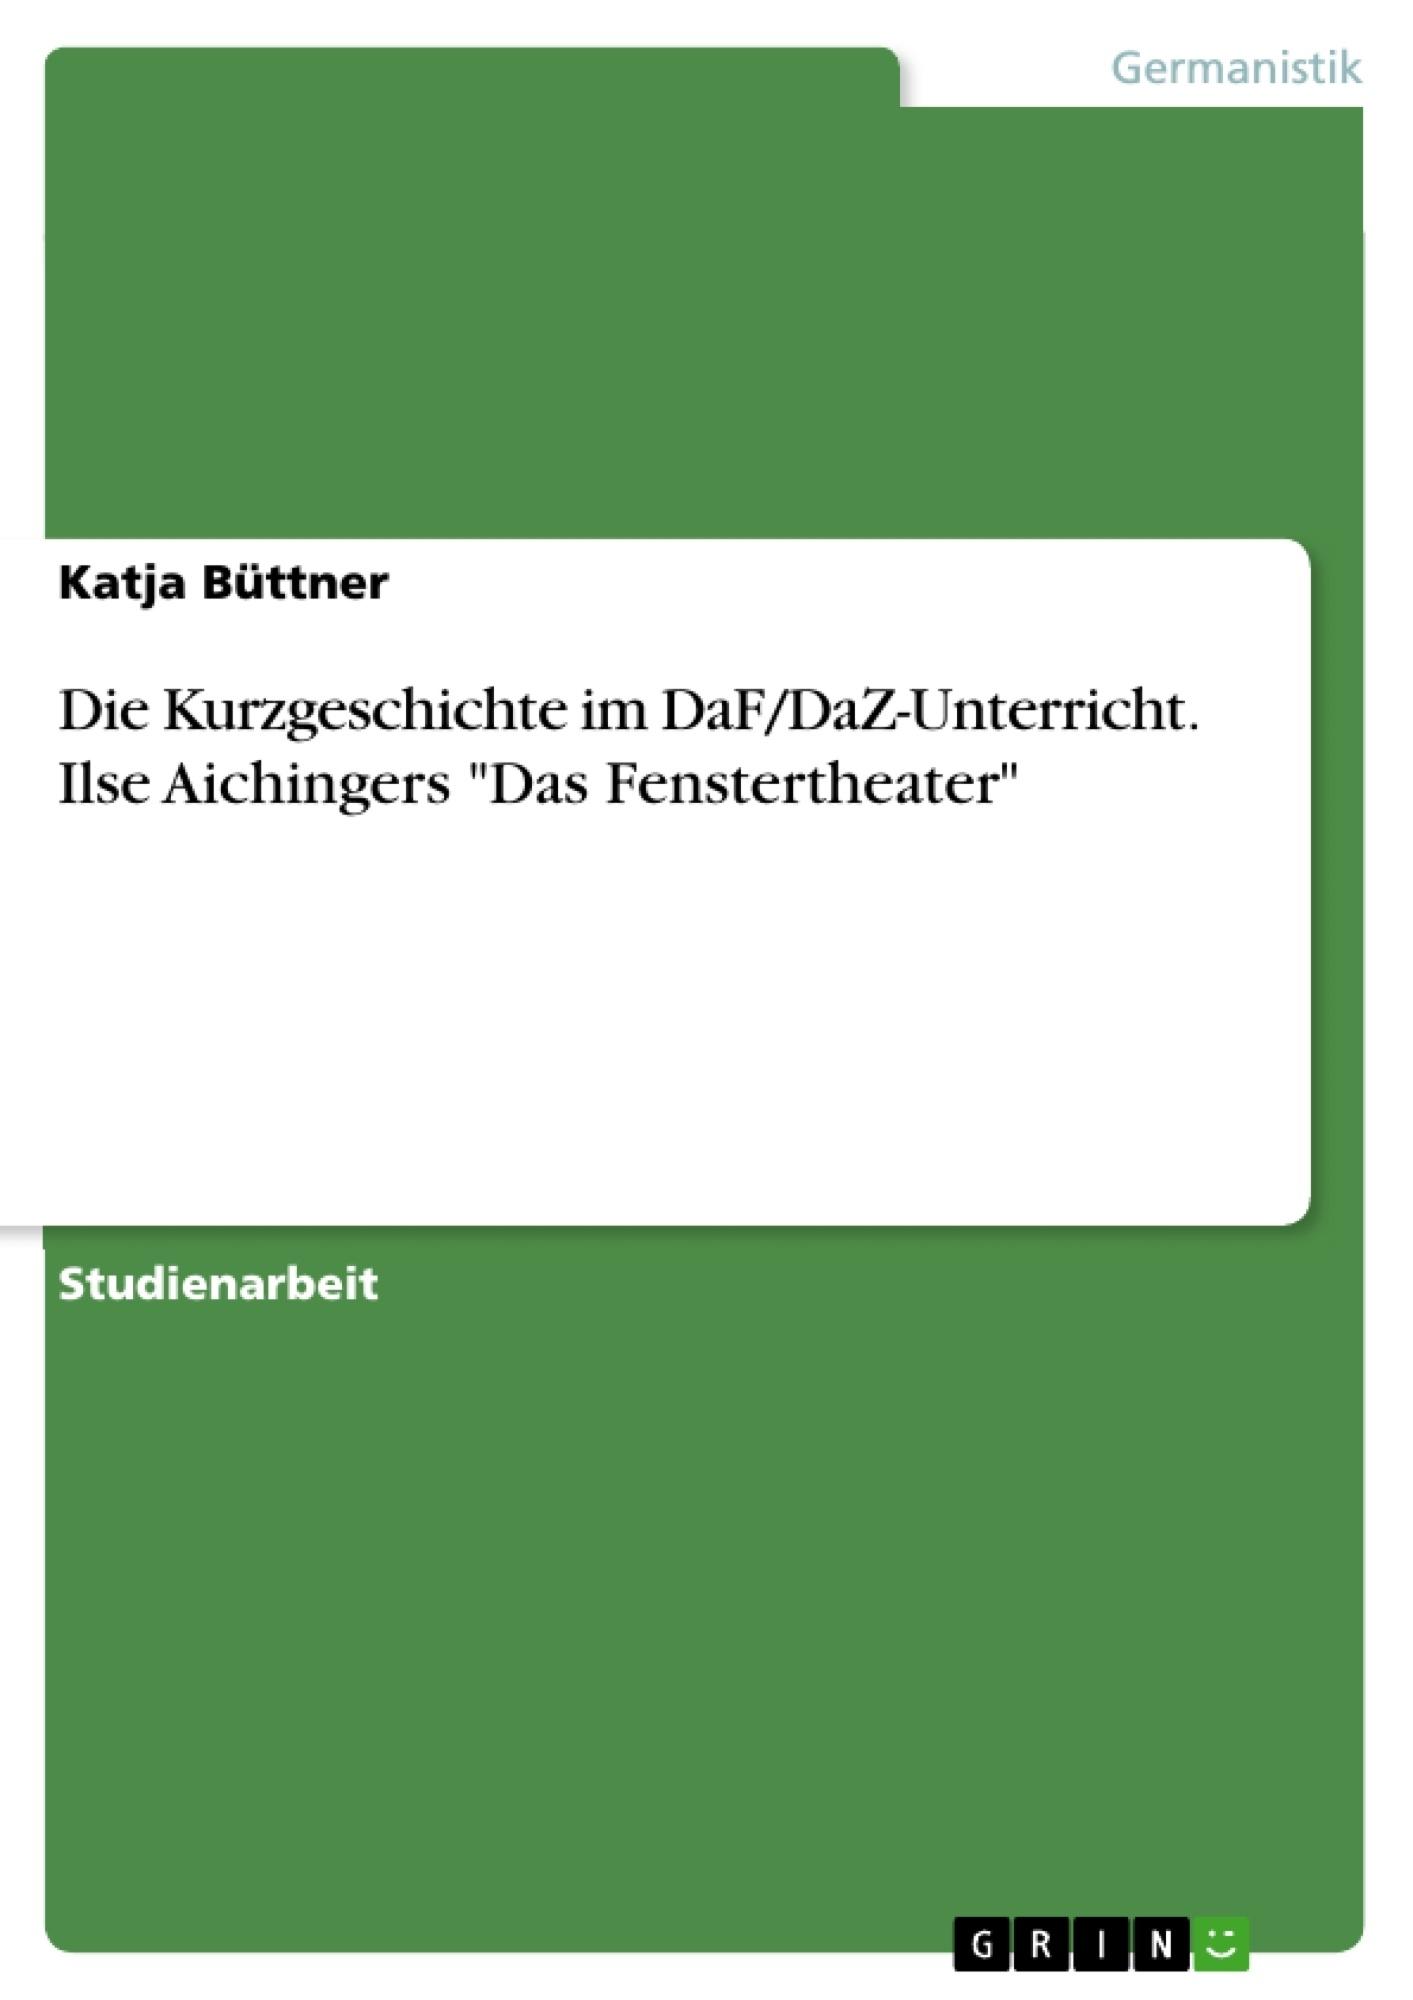 """Titel: Die Kurzgeschichte im DaF/DaZ-Unterricht. Ilse Aichingers """"Das Fenstertheater"""""""